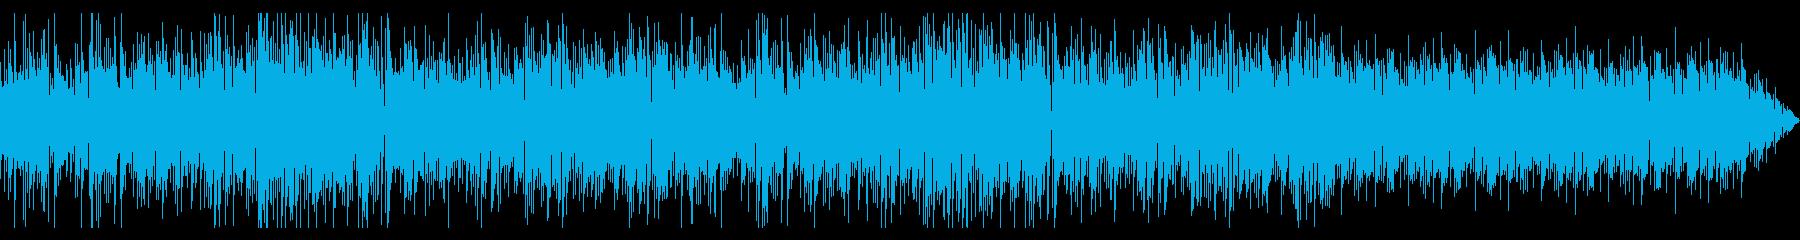 穏やかなイメージのインスト・ポップの再生済みの波形